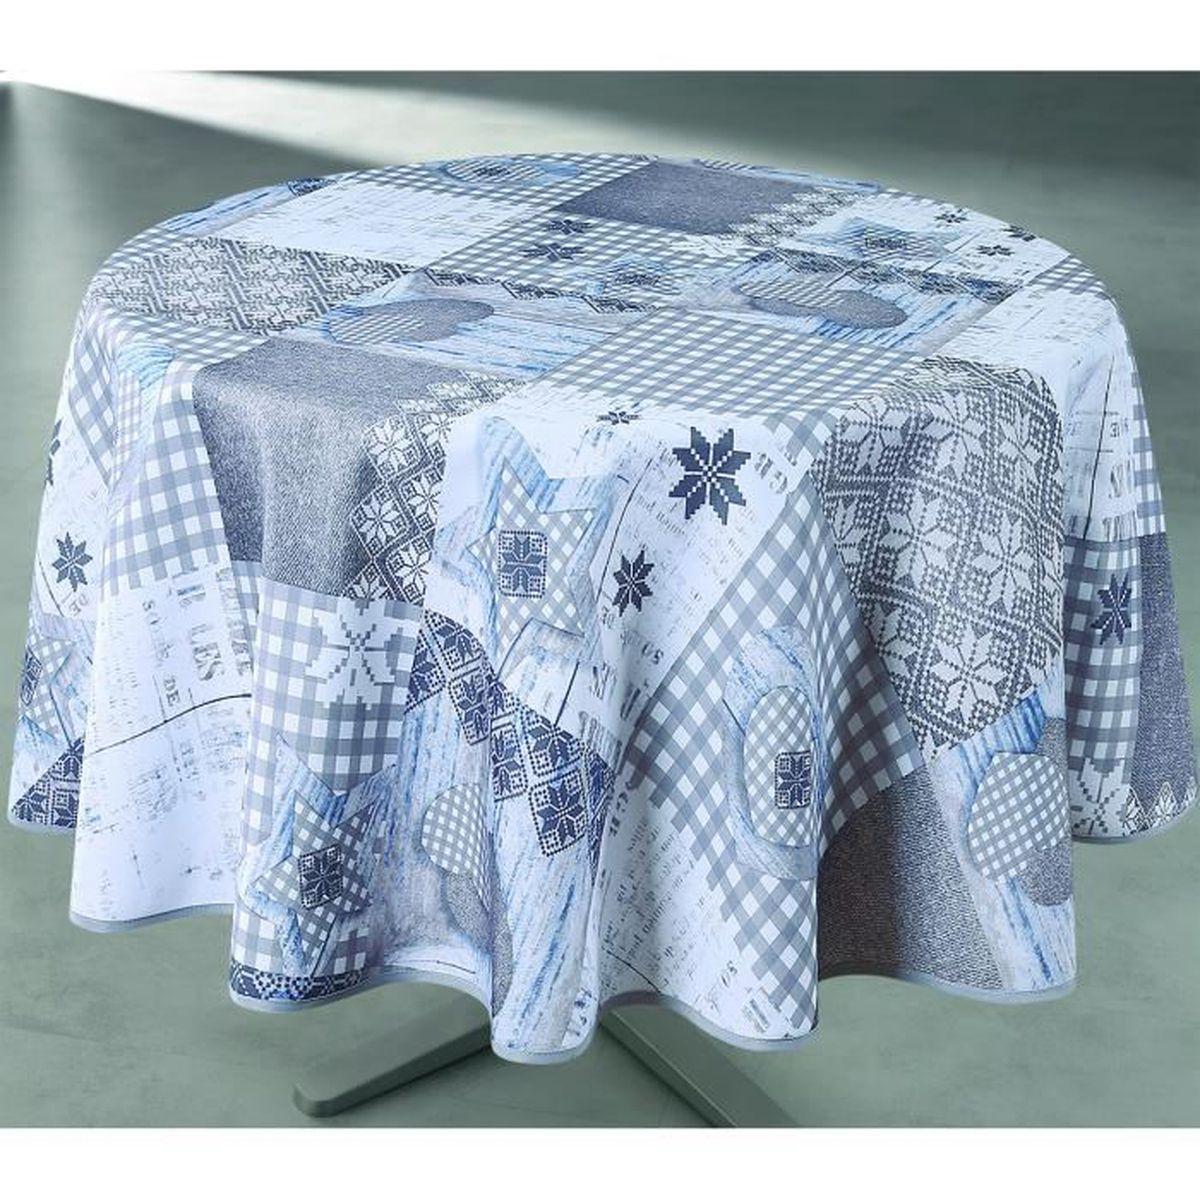 nappe moderne perfect multi gland nouvelle bande chemin de table tissu moderne coton linge. Black Bedroom Furniture Sets. Home Design Ideas